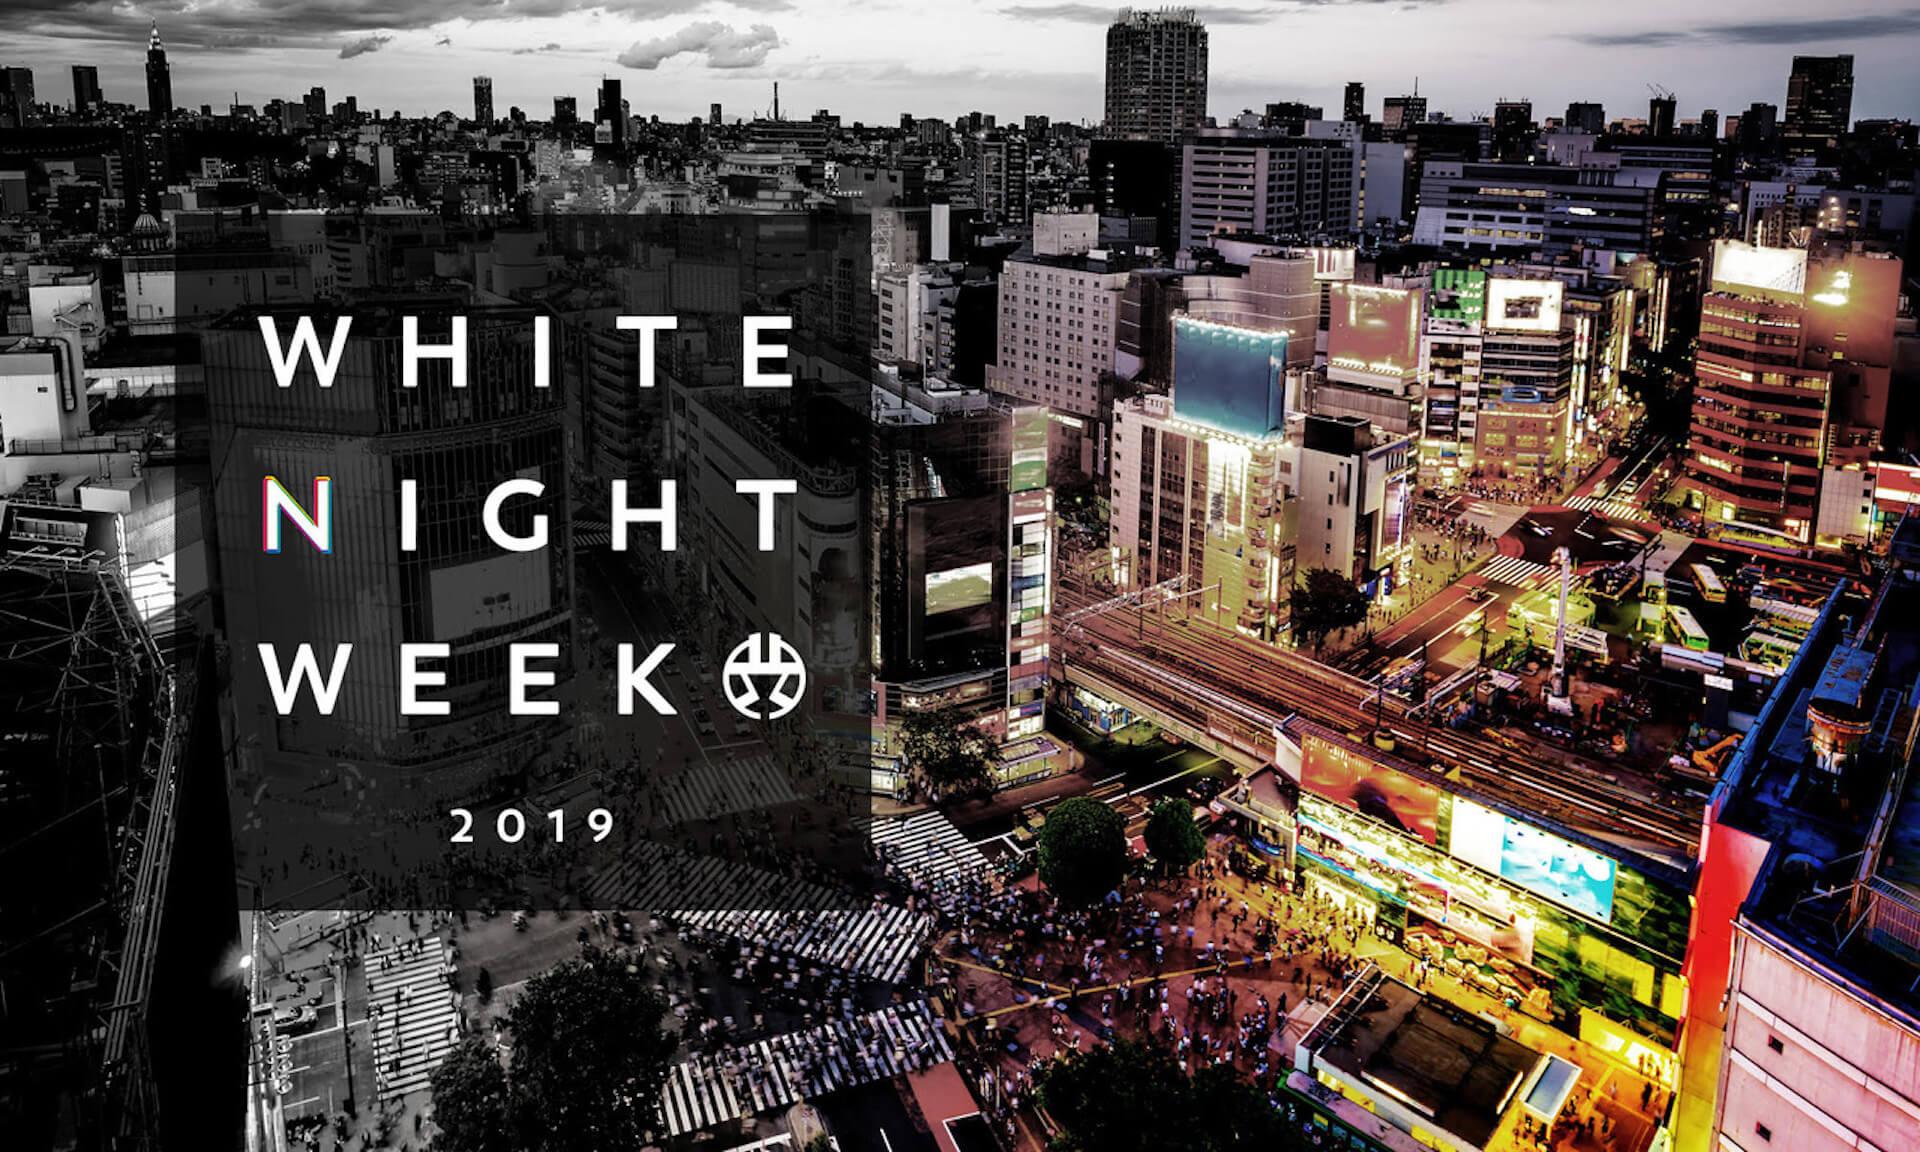 渋谷のナイトタイムエコノミーについて考える<WHITE NIGHT WEEK SHIBUYA>が初開催 music191016-whitenightweek-6